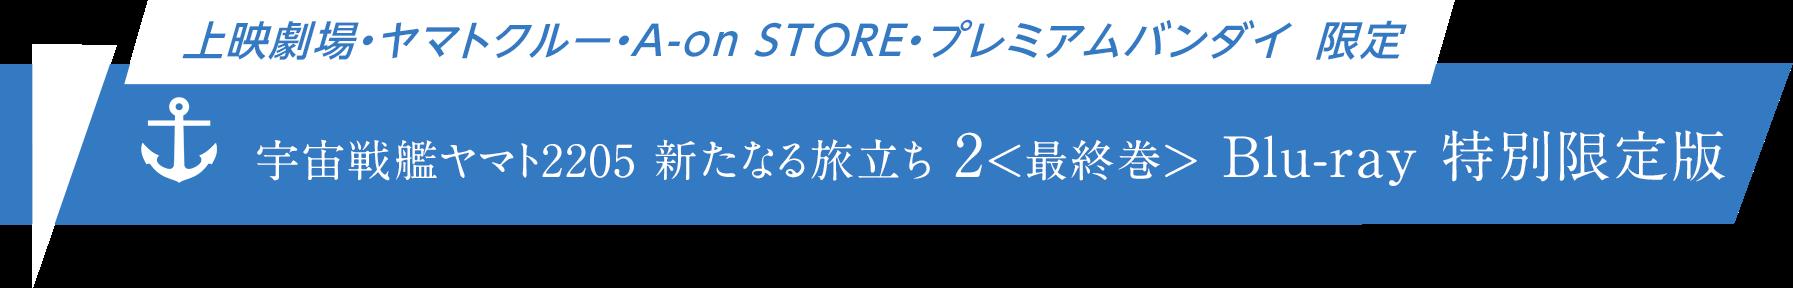 【上映劇場・ヤマトクルー・A-on STORE・プレミアムバンダイ 限定】宇宙戦艦ヤマト2205 新たなる旅立ち 2 Blu-ray 特別限定版